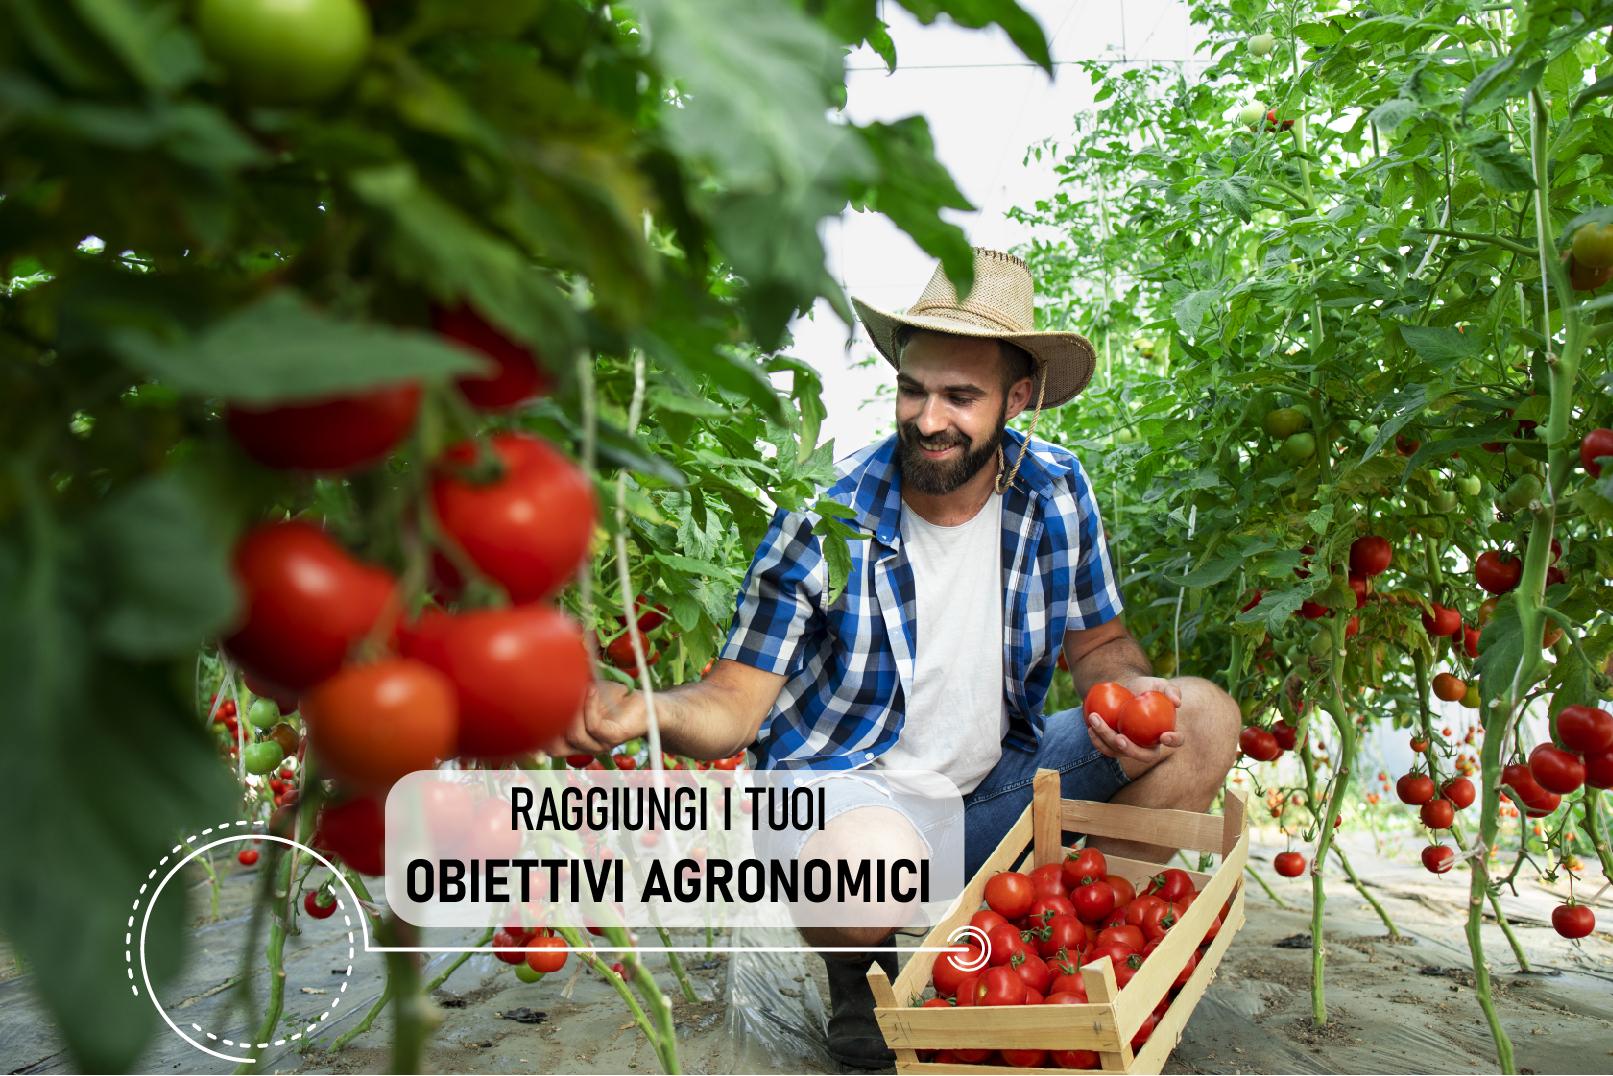 Obiettivi agronomici